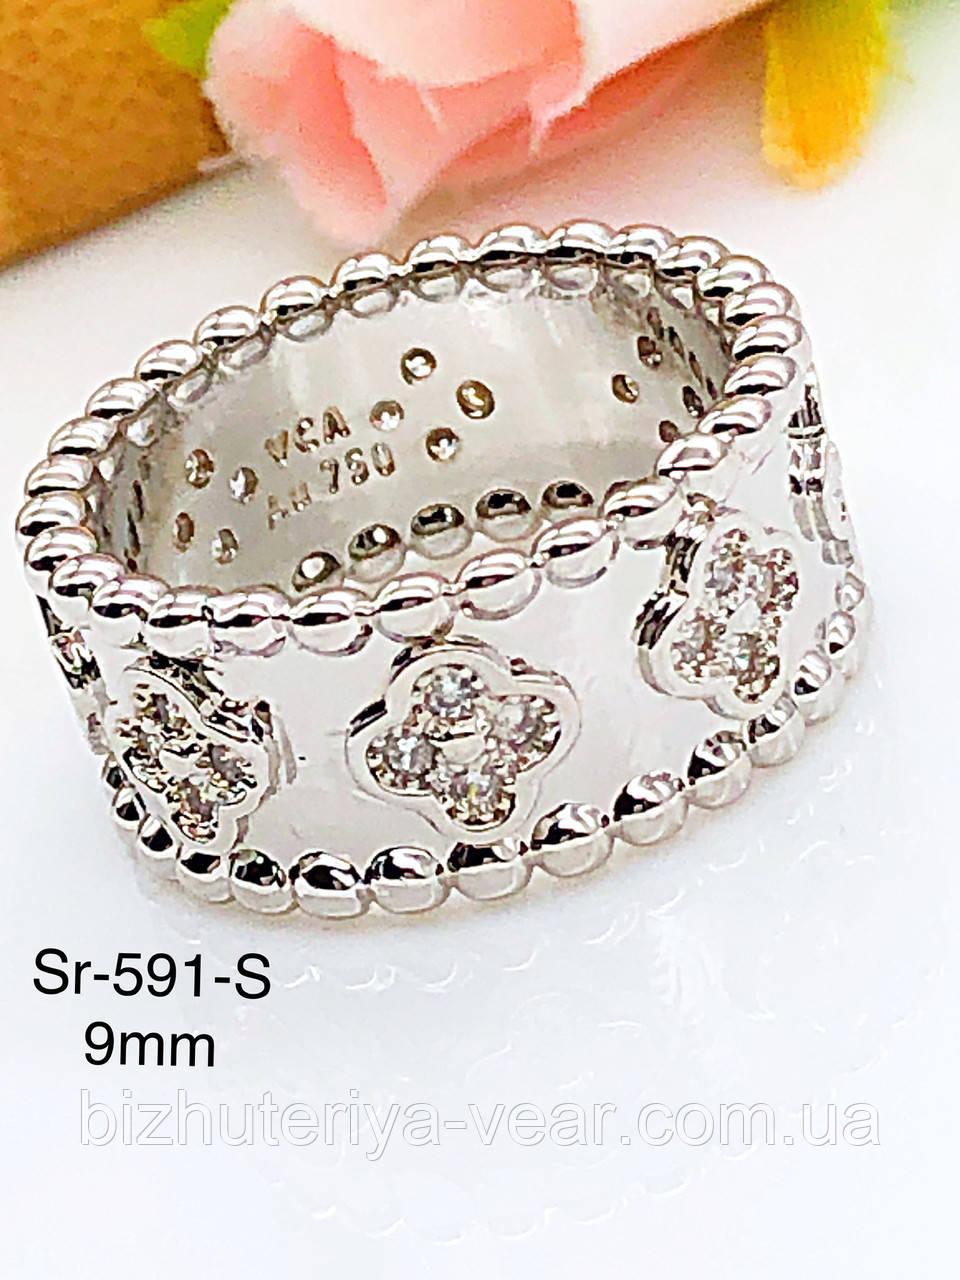 Кольцо Sr-591(7,8,9,10)